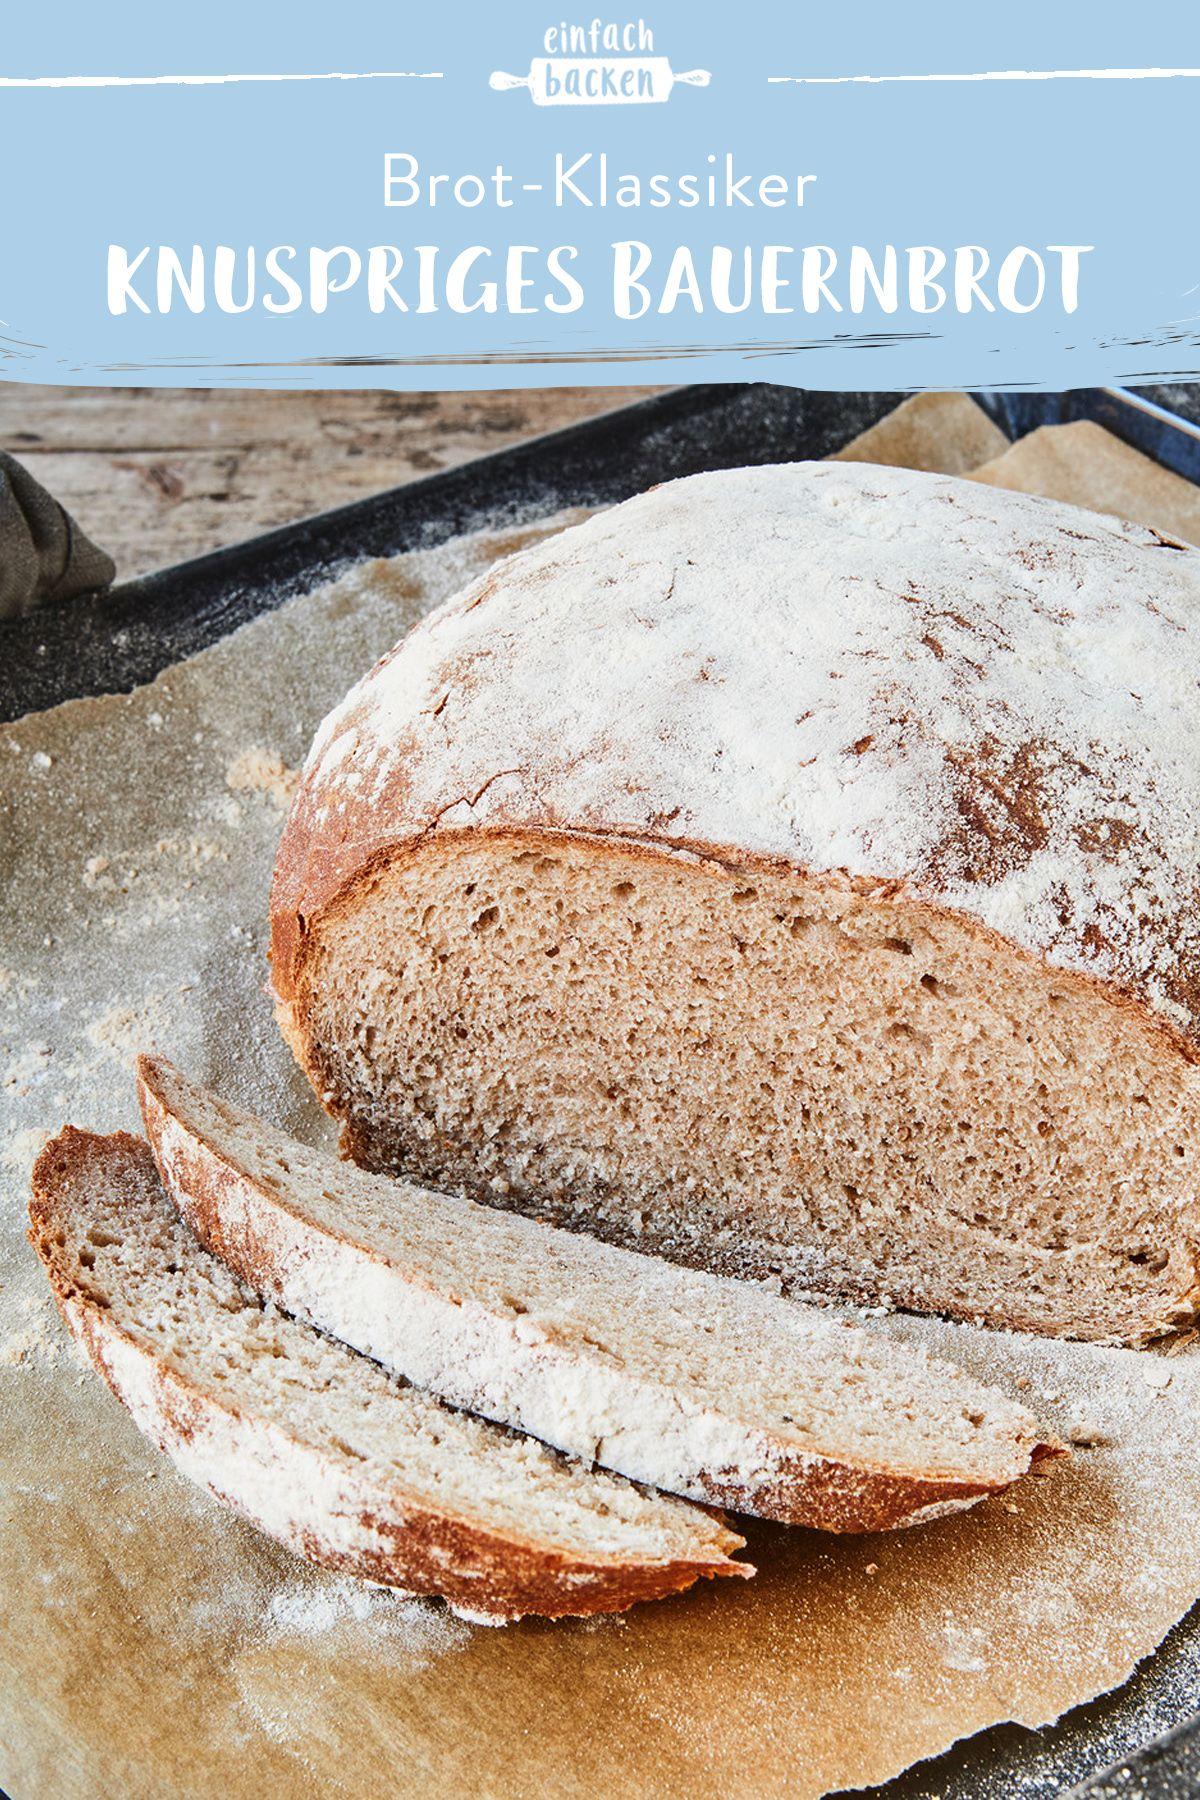 Bauernbrot - knusprig und lecker  Die besten Backrezepte mit  Gelinggarantie  Rezept  Brot backen